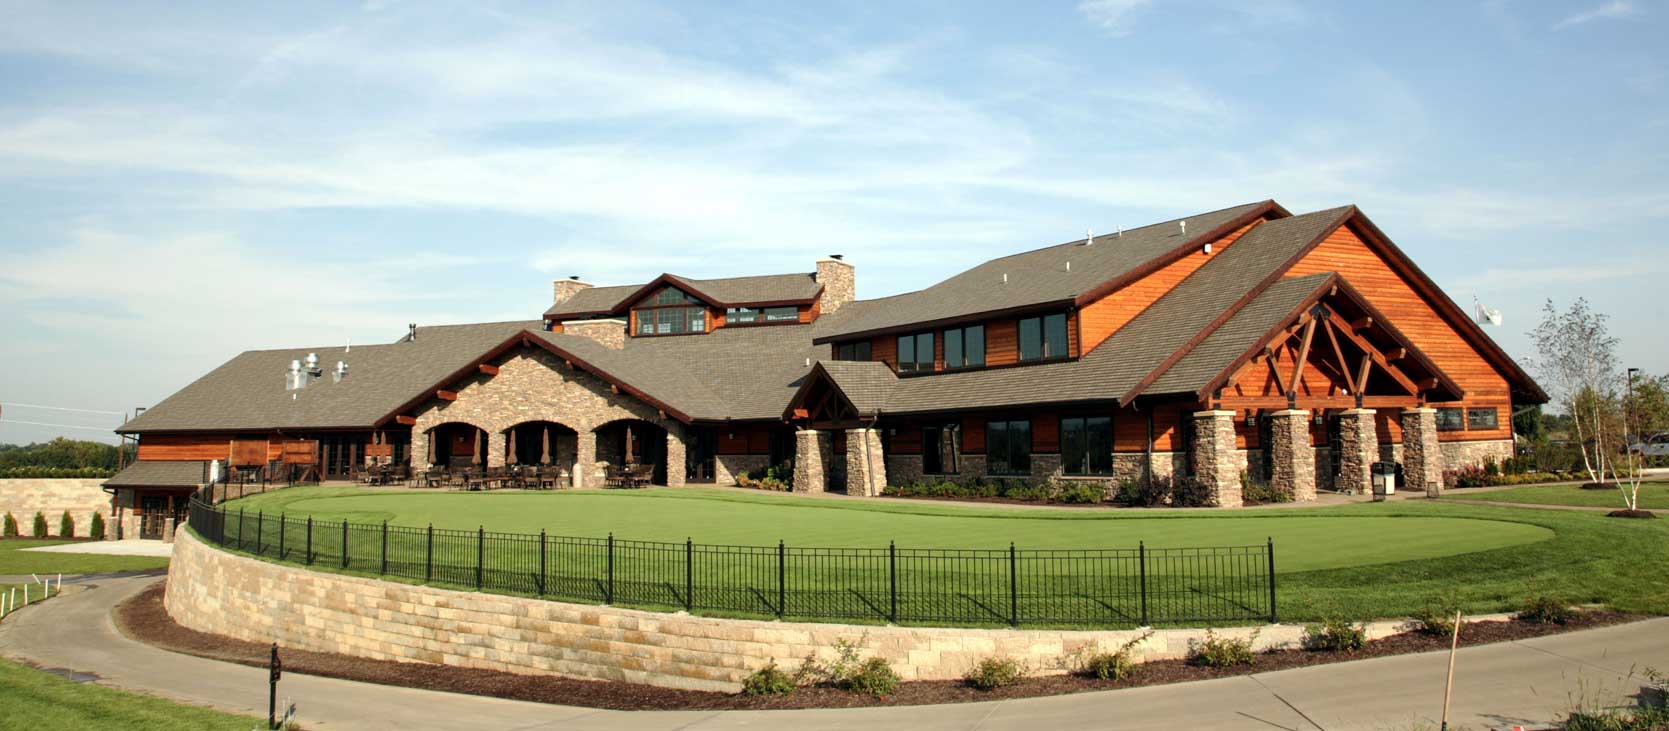 Copy of Staley Farms Golf Club